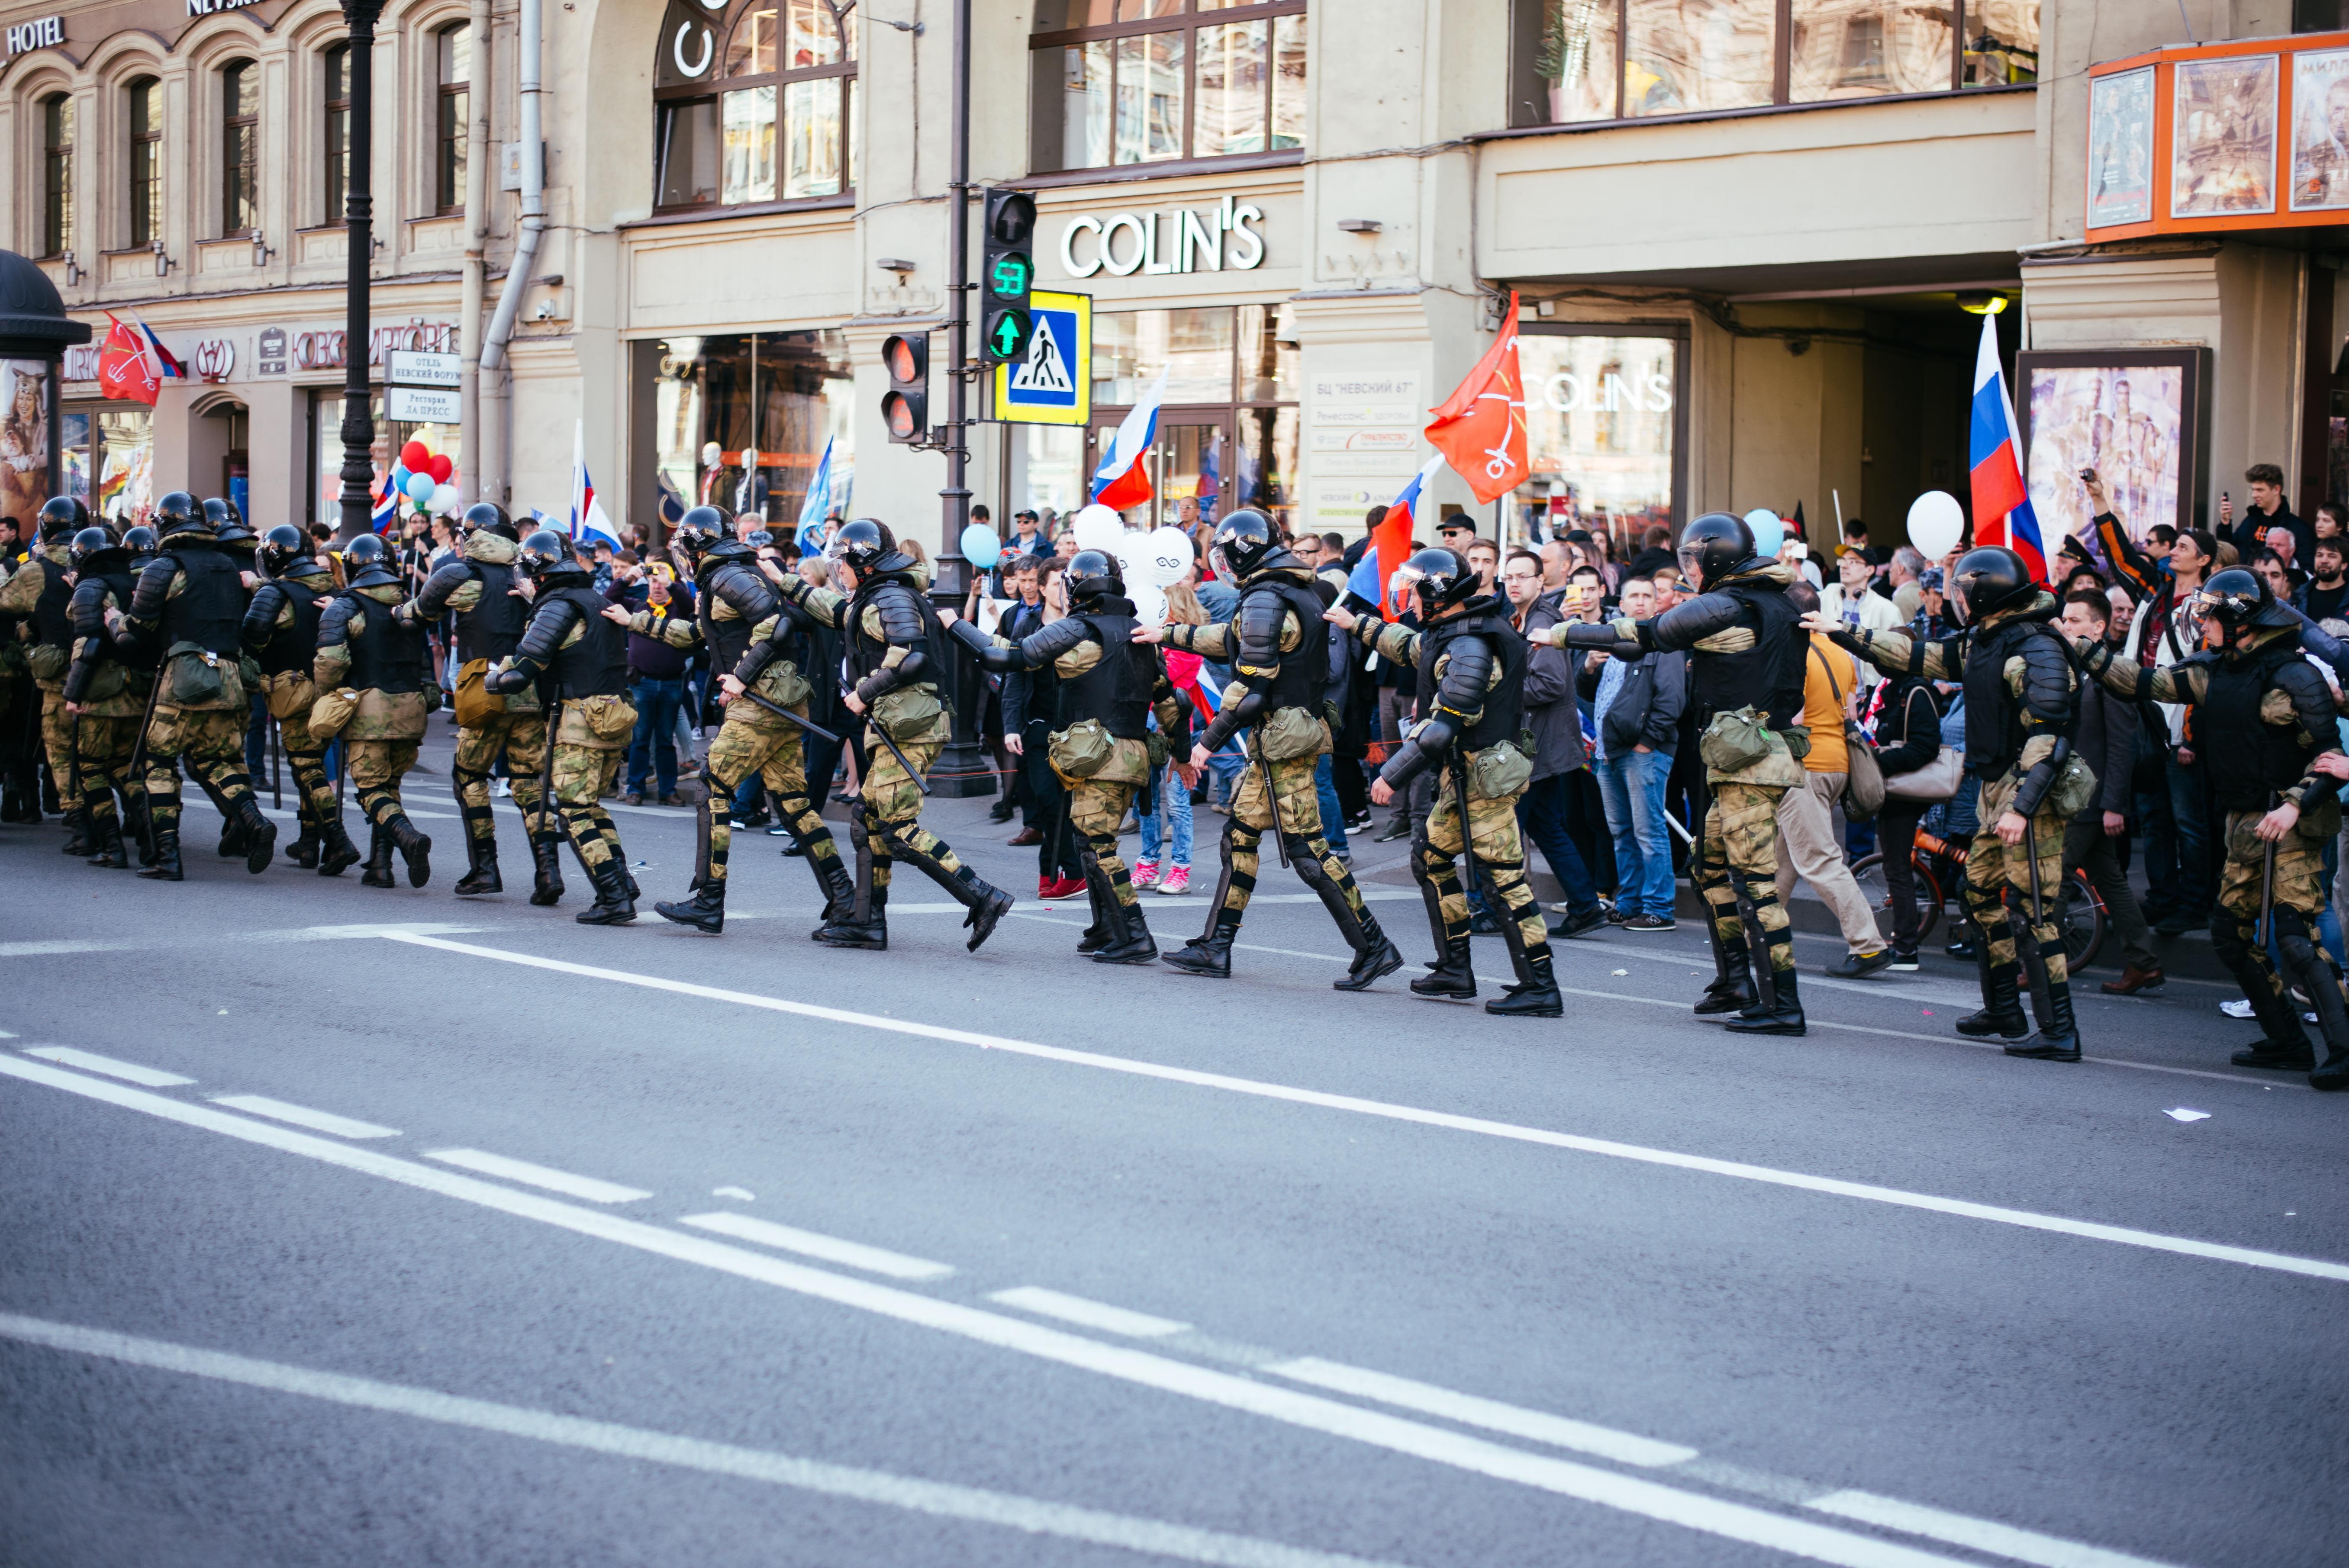 Росгвардия заявила, что ее бойцов не было на акции 1 мая в Петербурге. Фото свидетельствуют об обратном